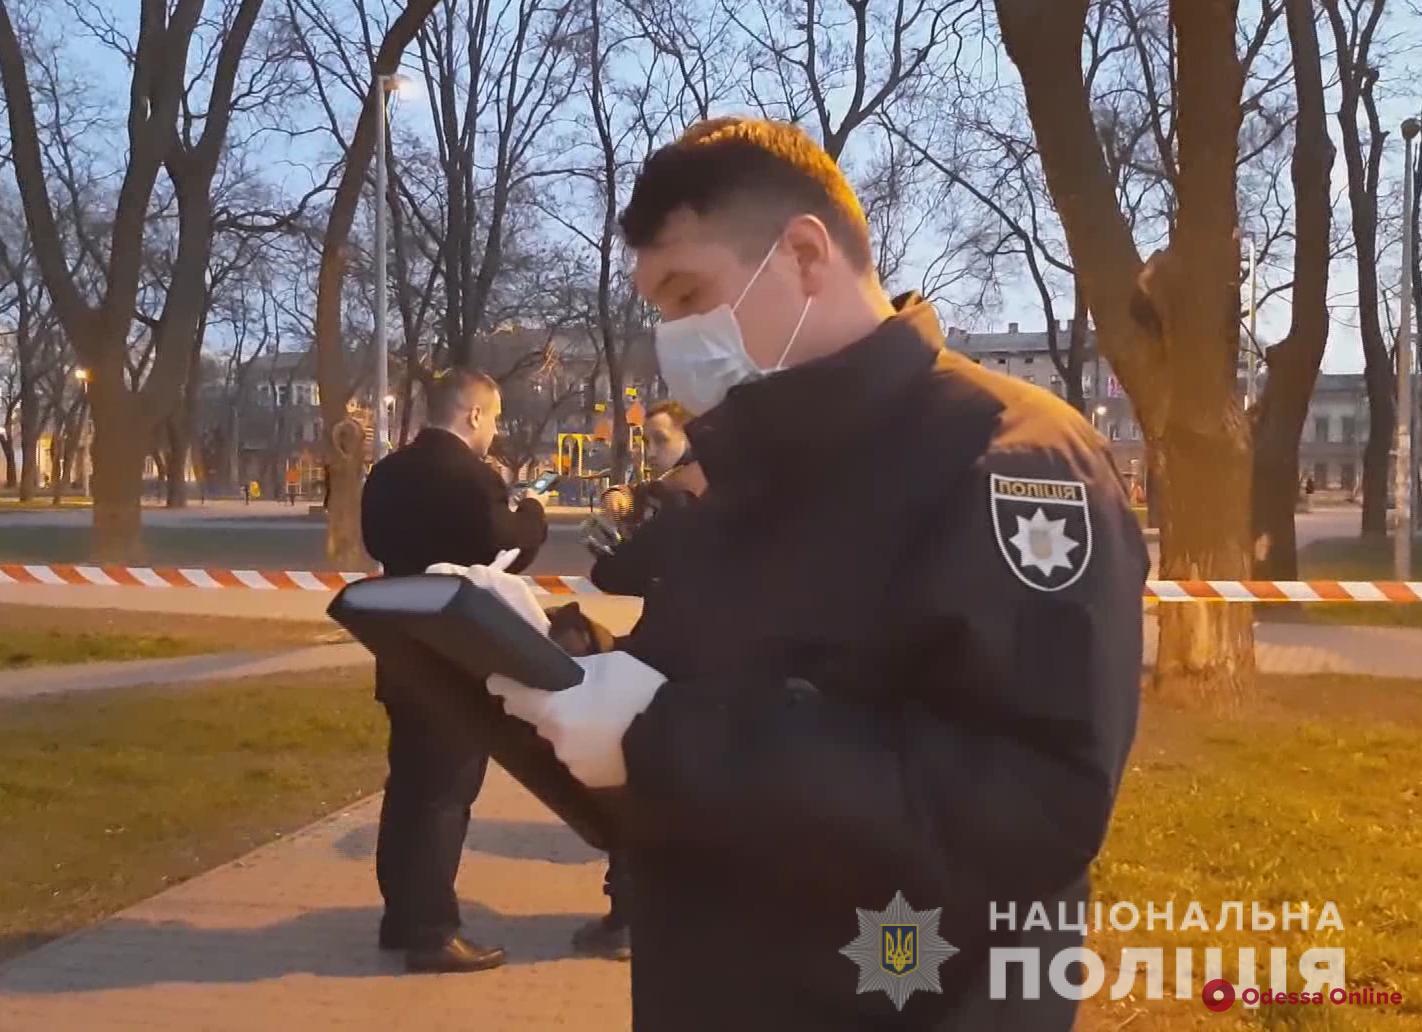 Убийство в Старосенном сквере: полиция задержала подозреваемого